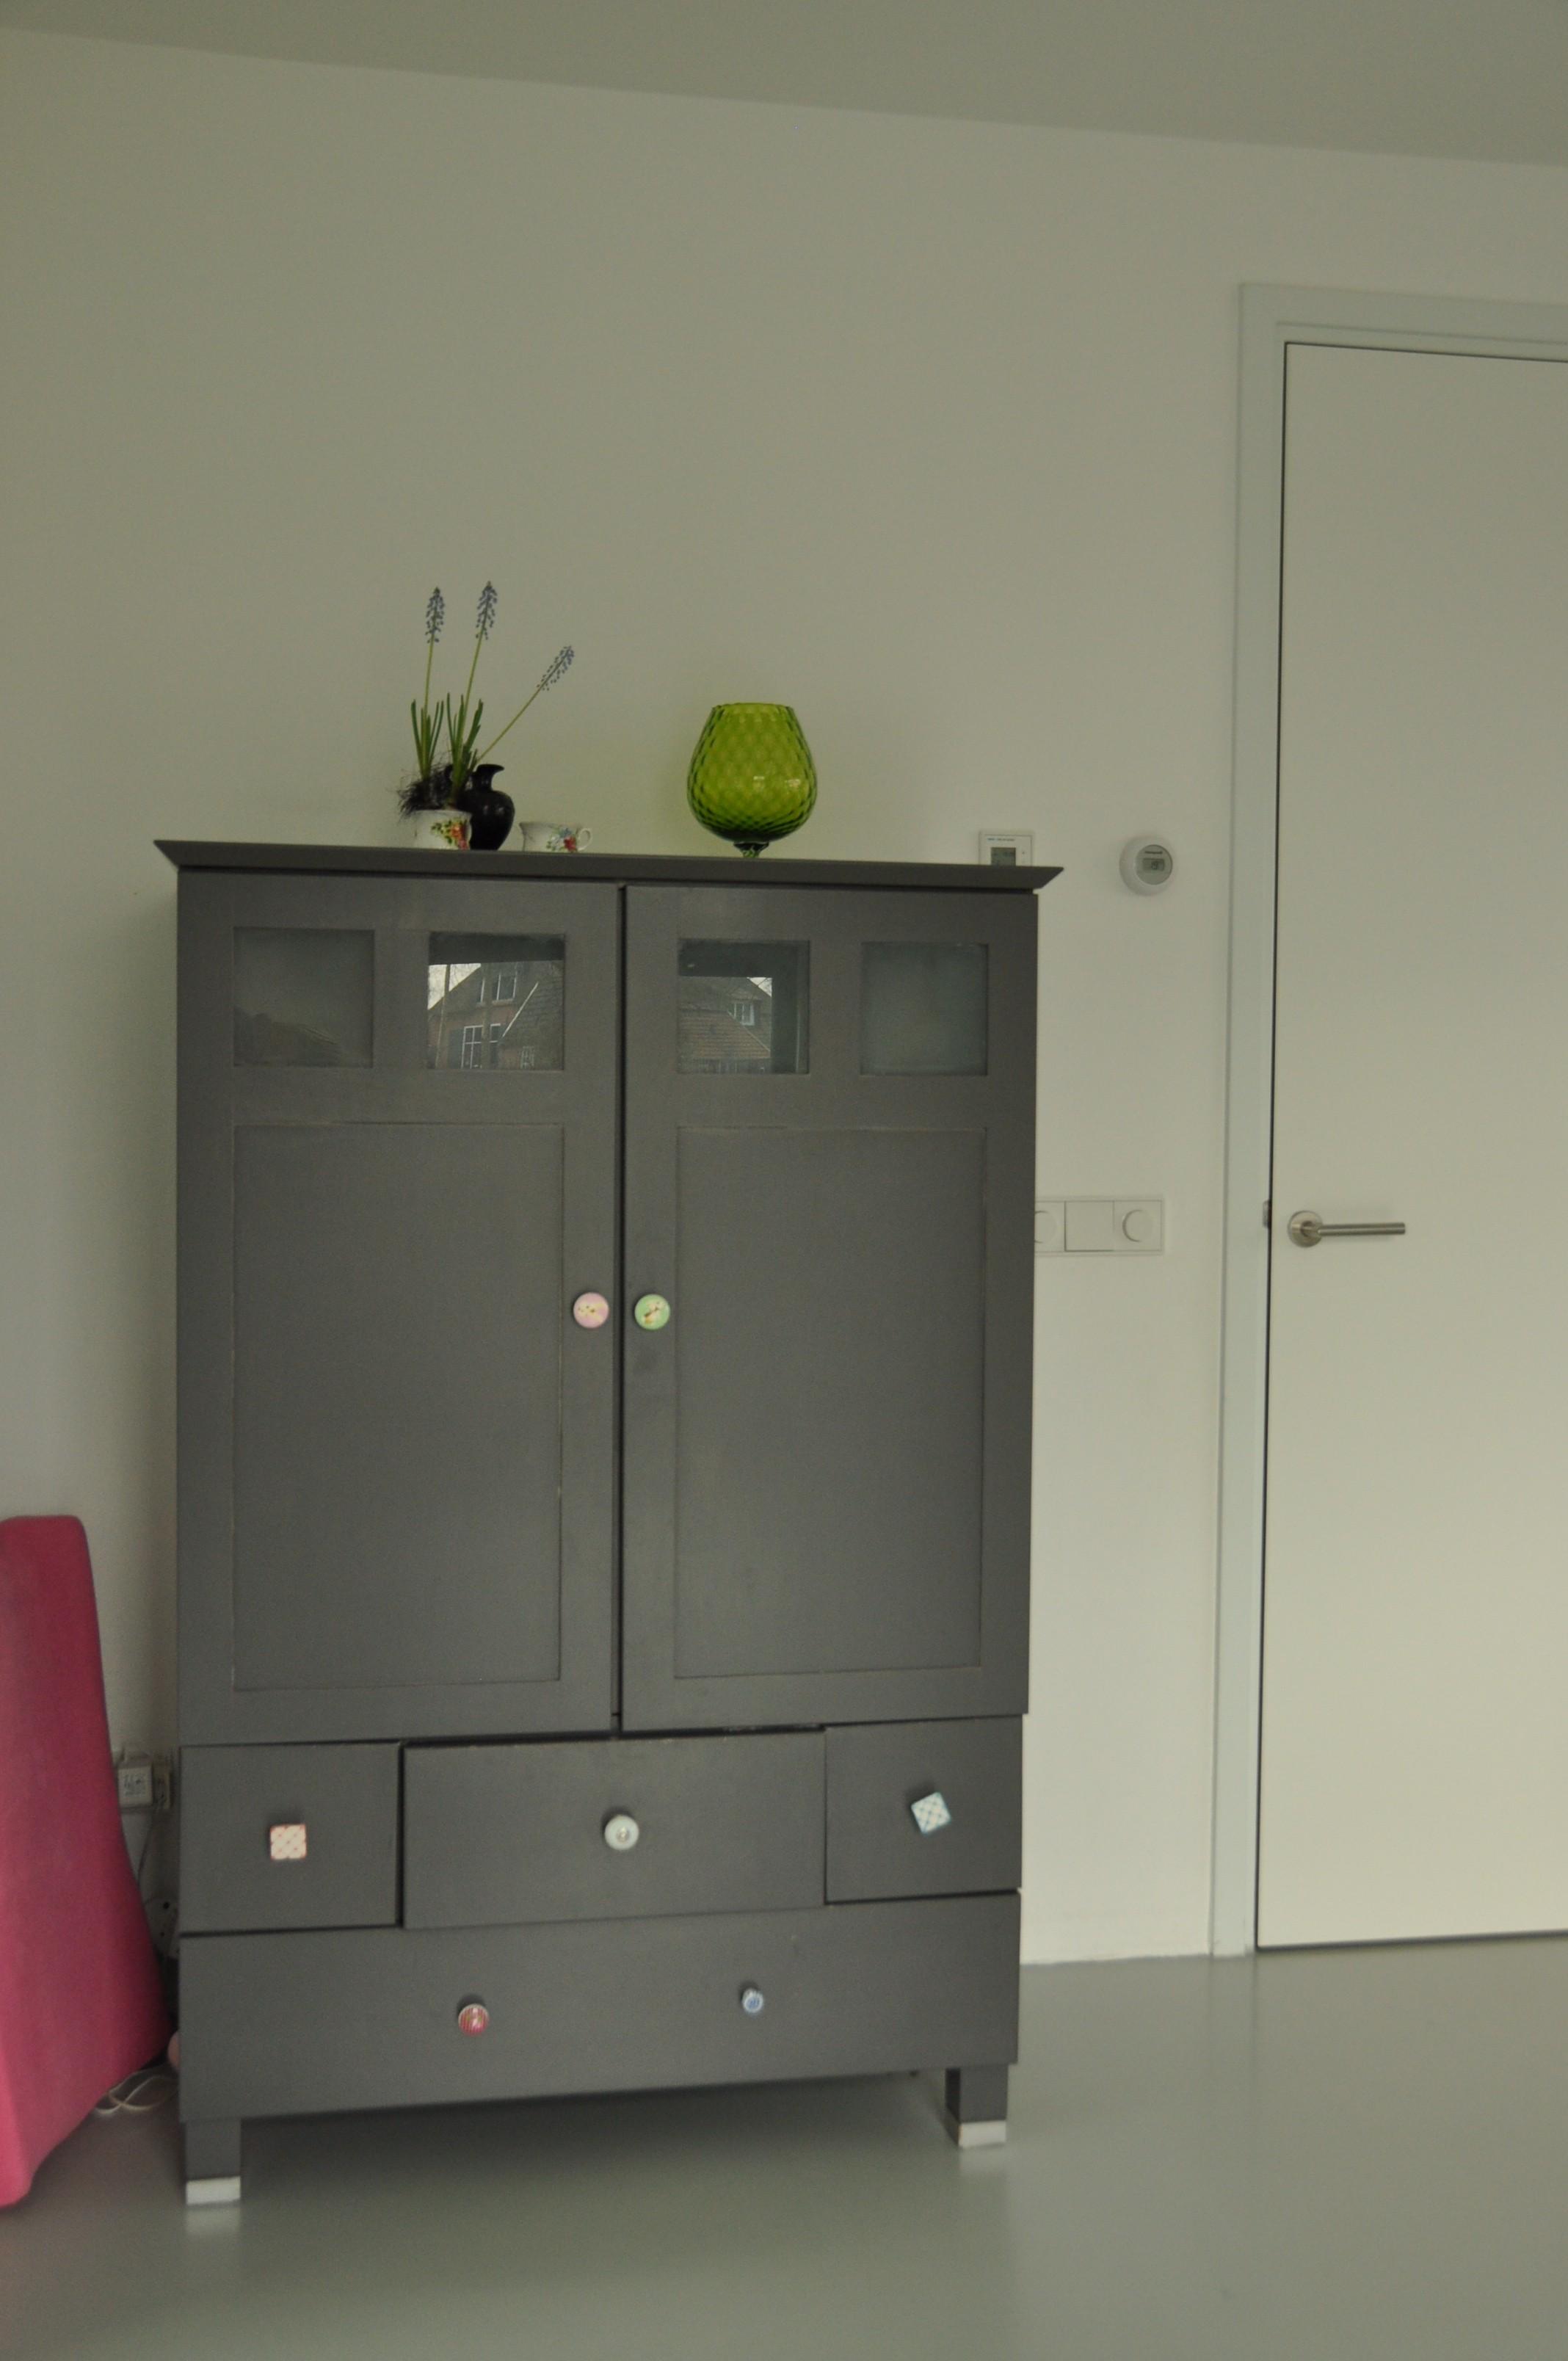 wanneer kies je een open of een dichte kast in je interieur?